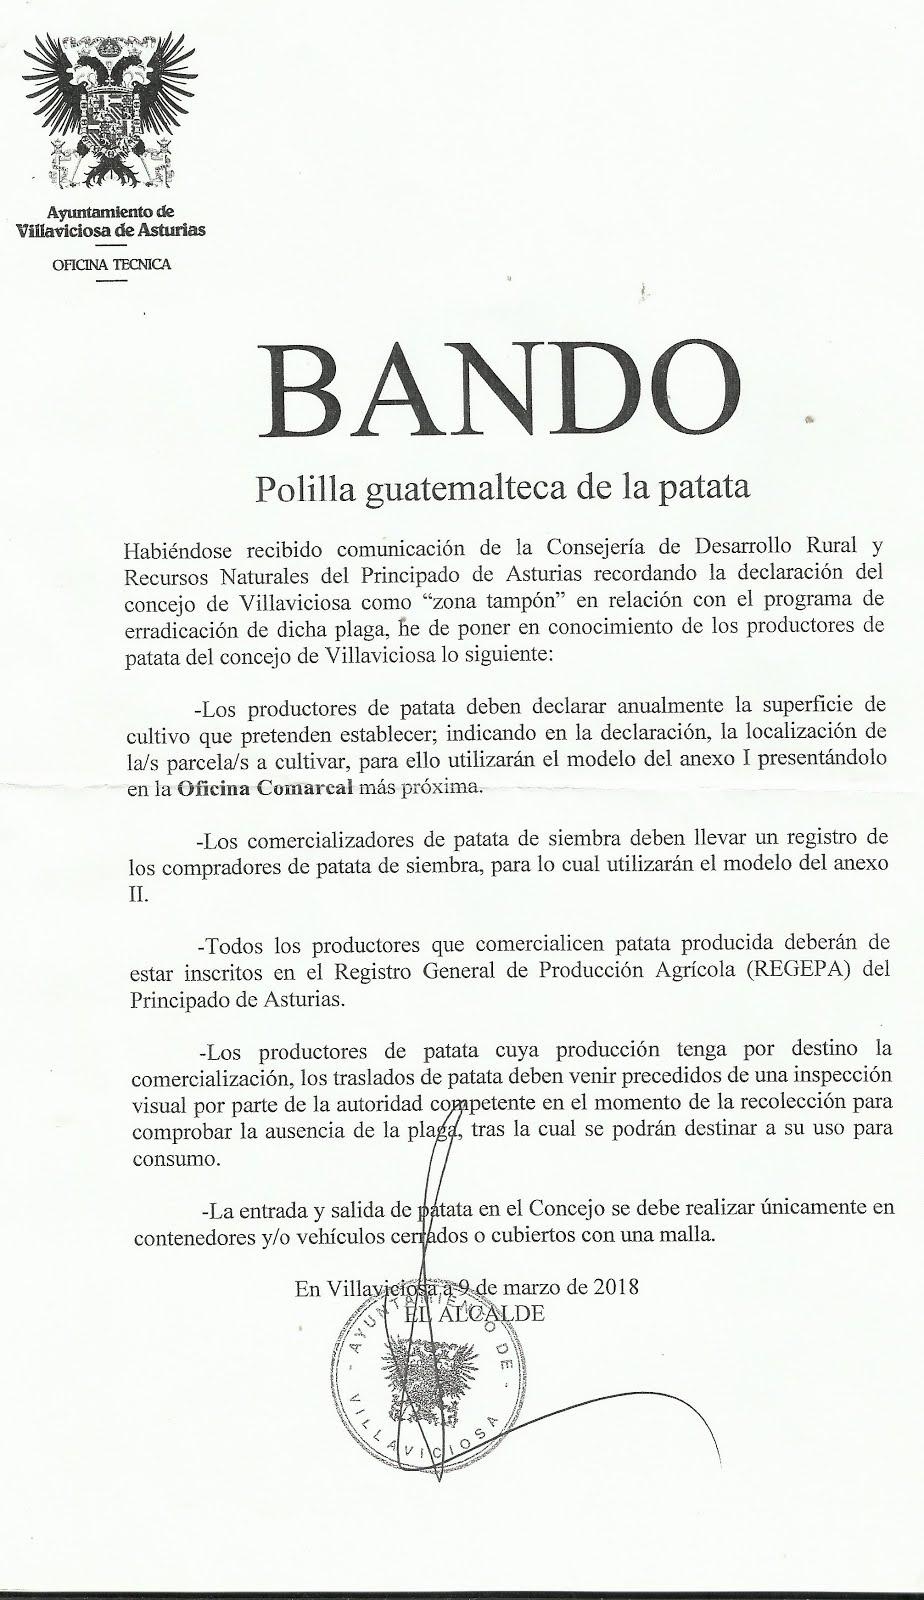 BANDO (Polilla guatemalteca de la patata)